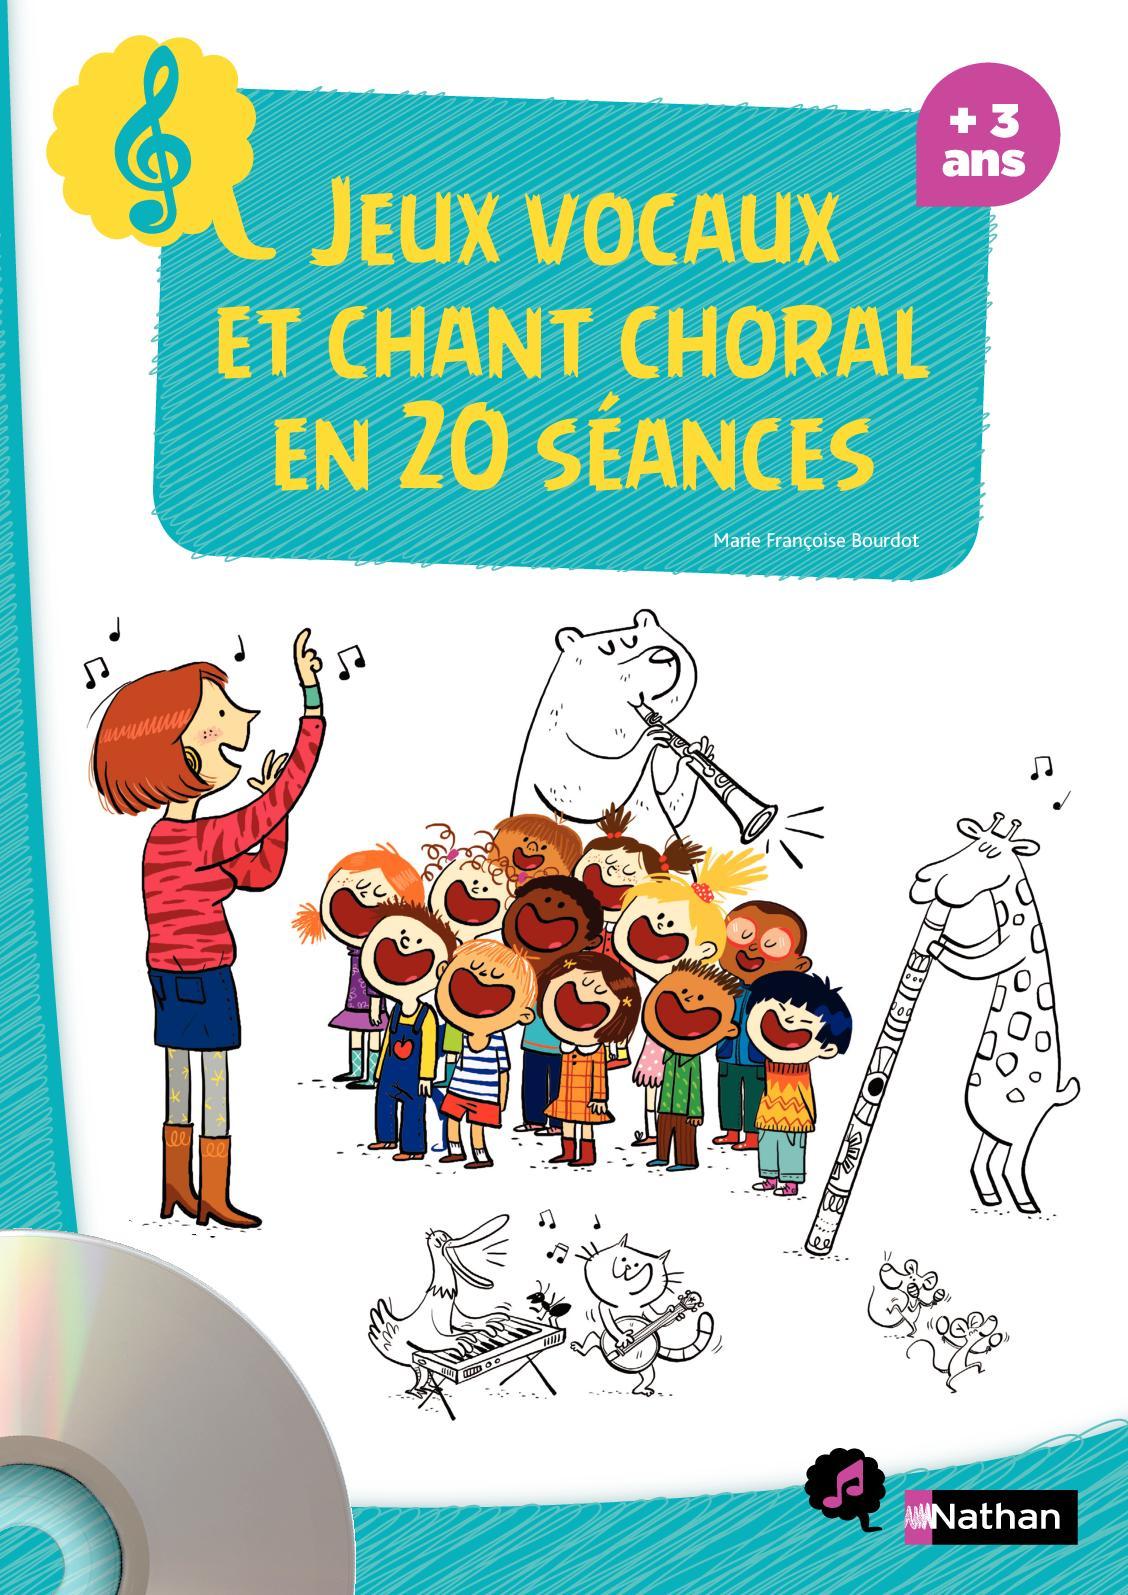 Jeux vocaux et chant choral en 20 séances